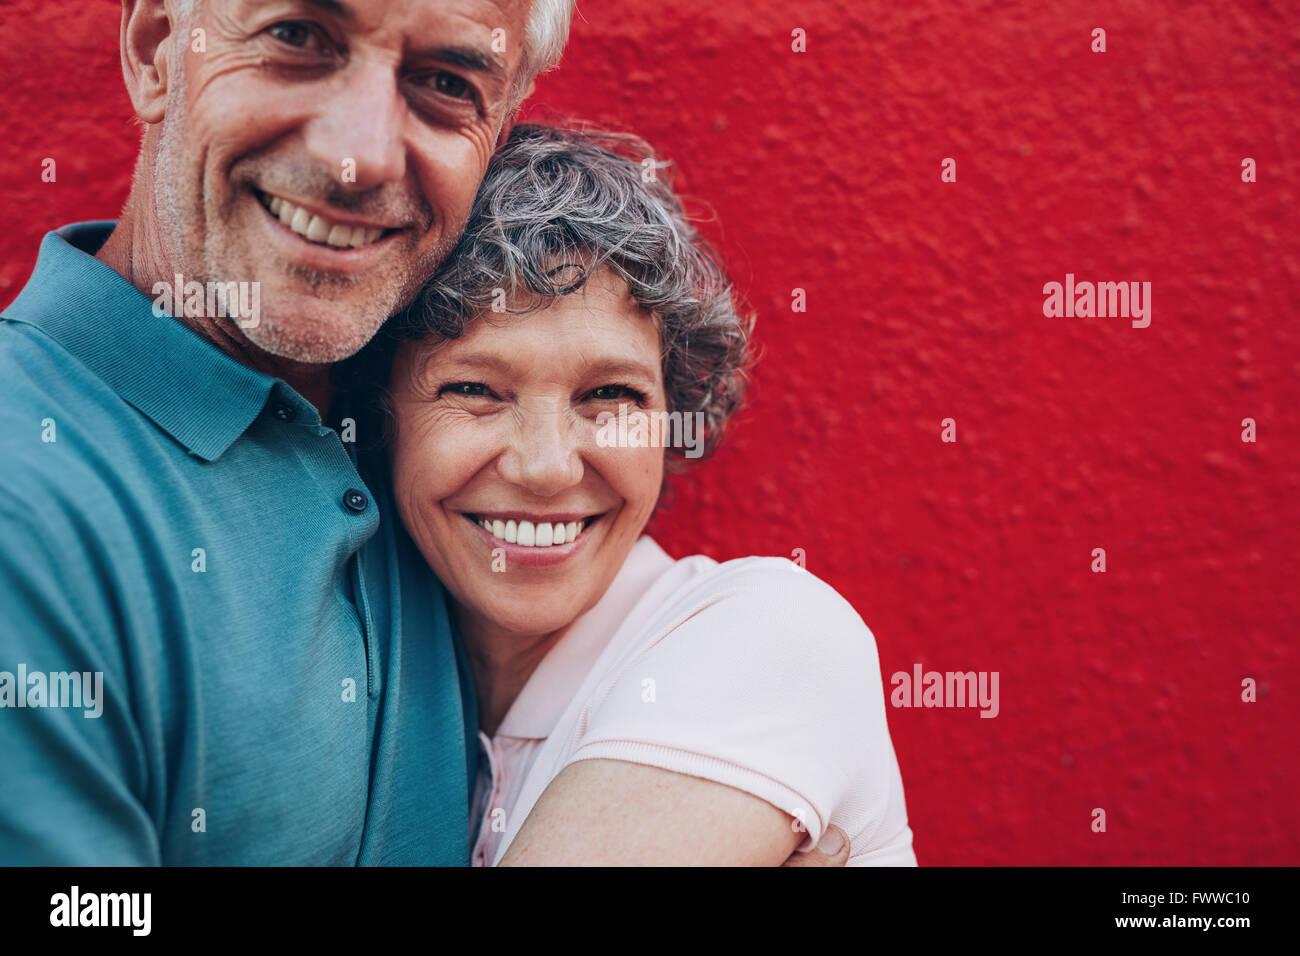 Retrato de la alegre pareja de mediana edad abrazándose entre sí contra el fondo rojo. Hombre y mujer Imagen De Stock